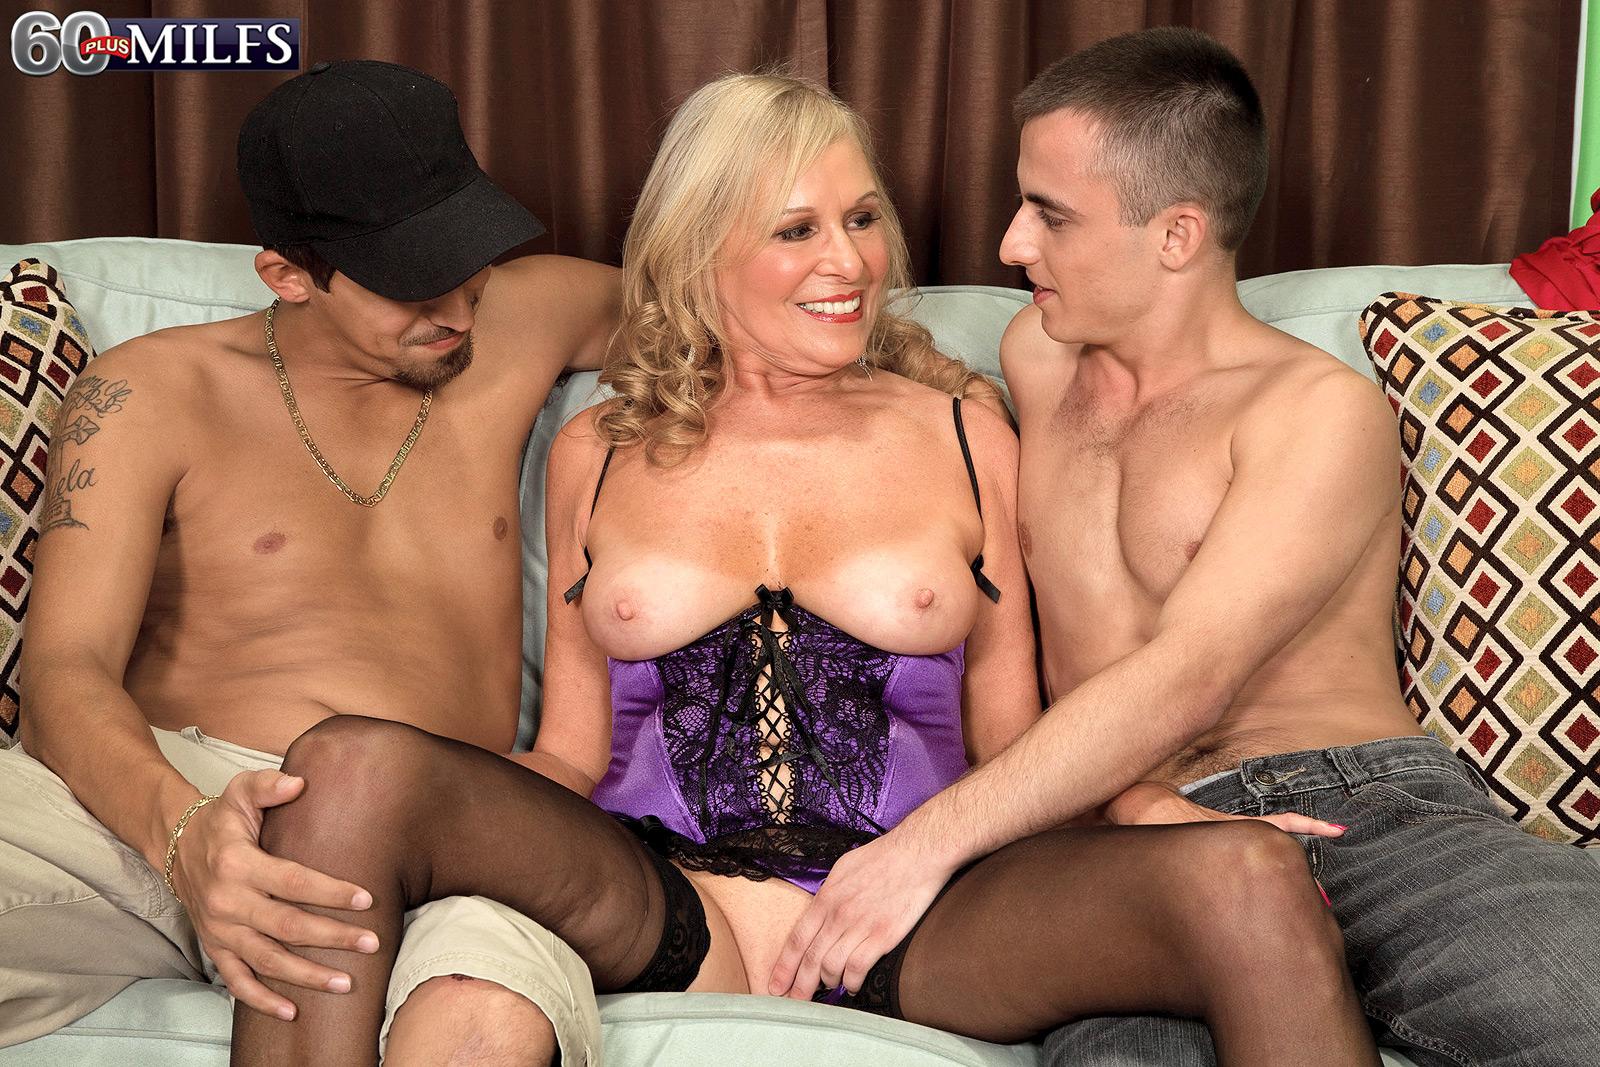 60 Plus Porno 60 plus milfs review gallery   dino reviews   porn site reviews